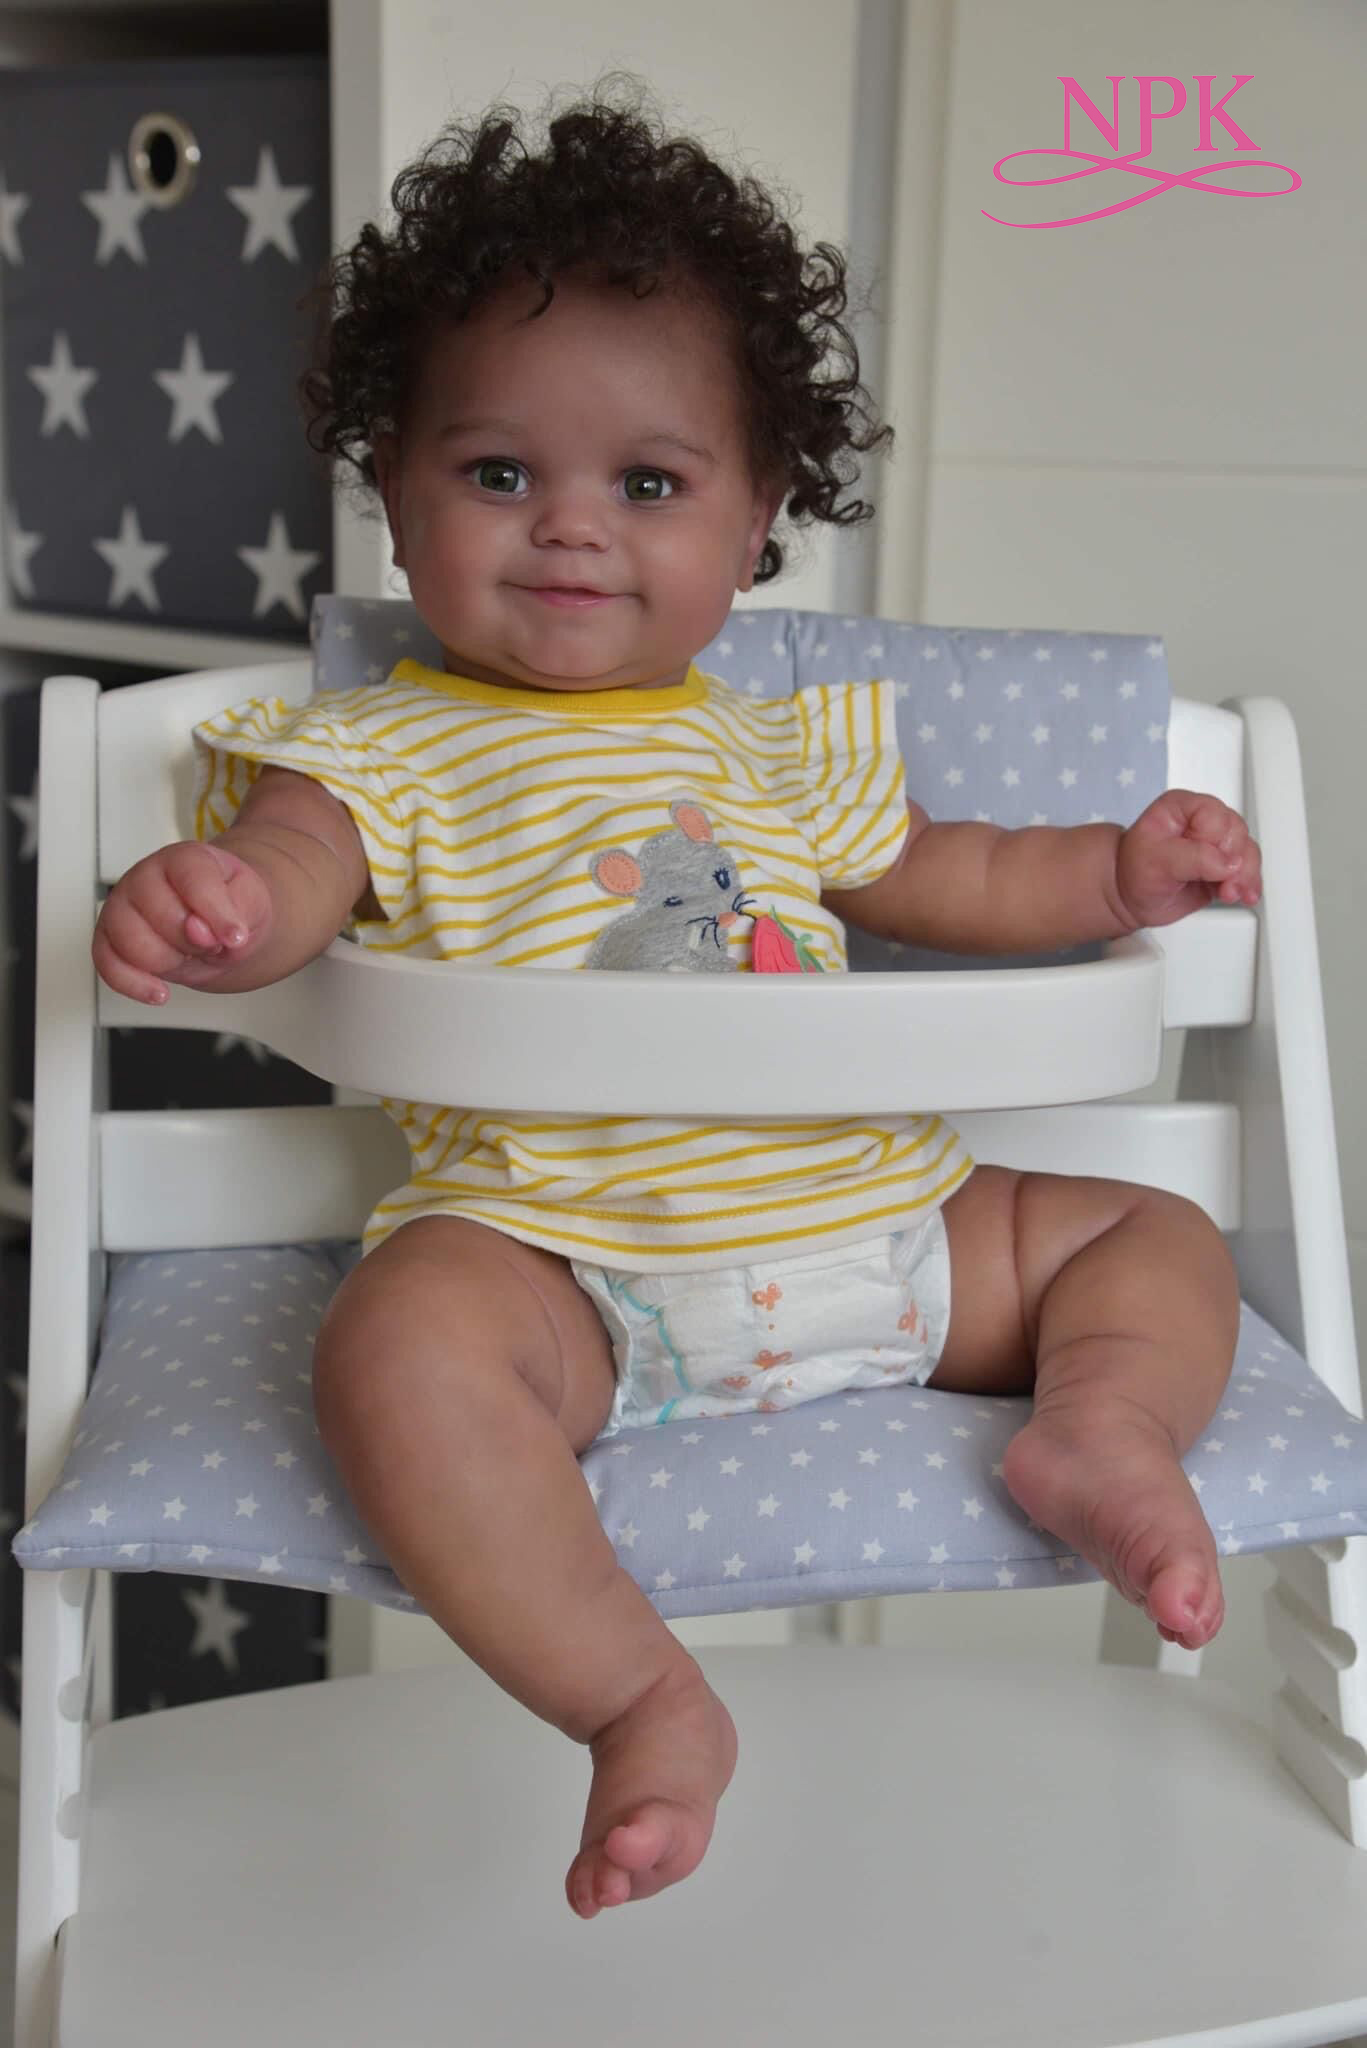 NPK 50CM Flexible Bebe Puppe Reborn Baby Mädchen Maddie Schwarz Haut African American Baby Handrooted Haar mit Flasche und schnuller